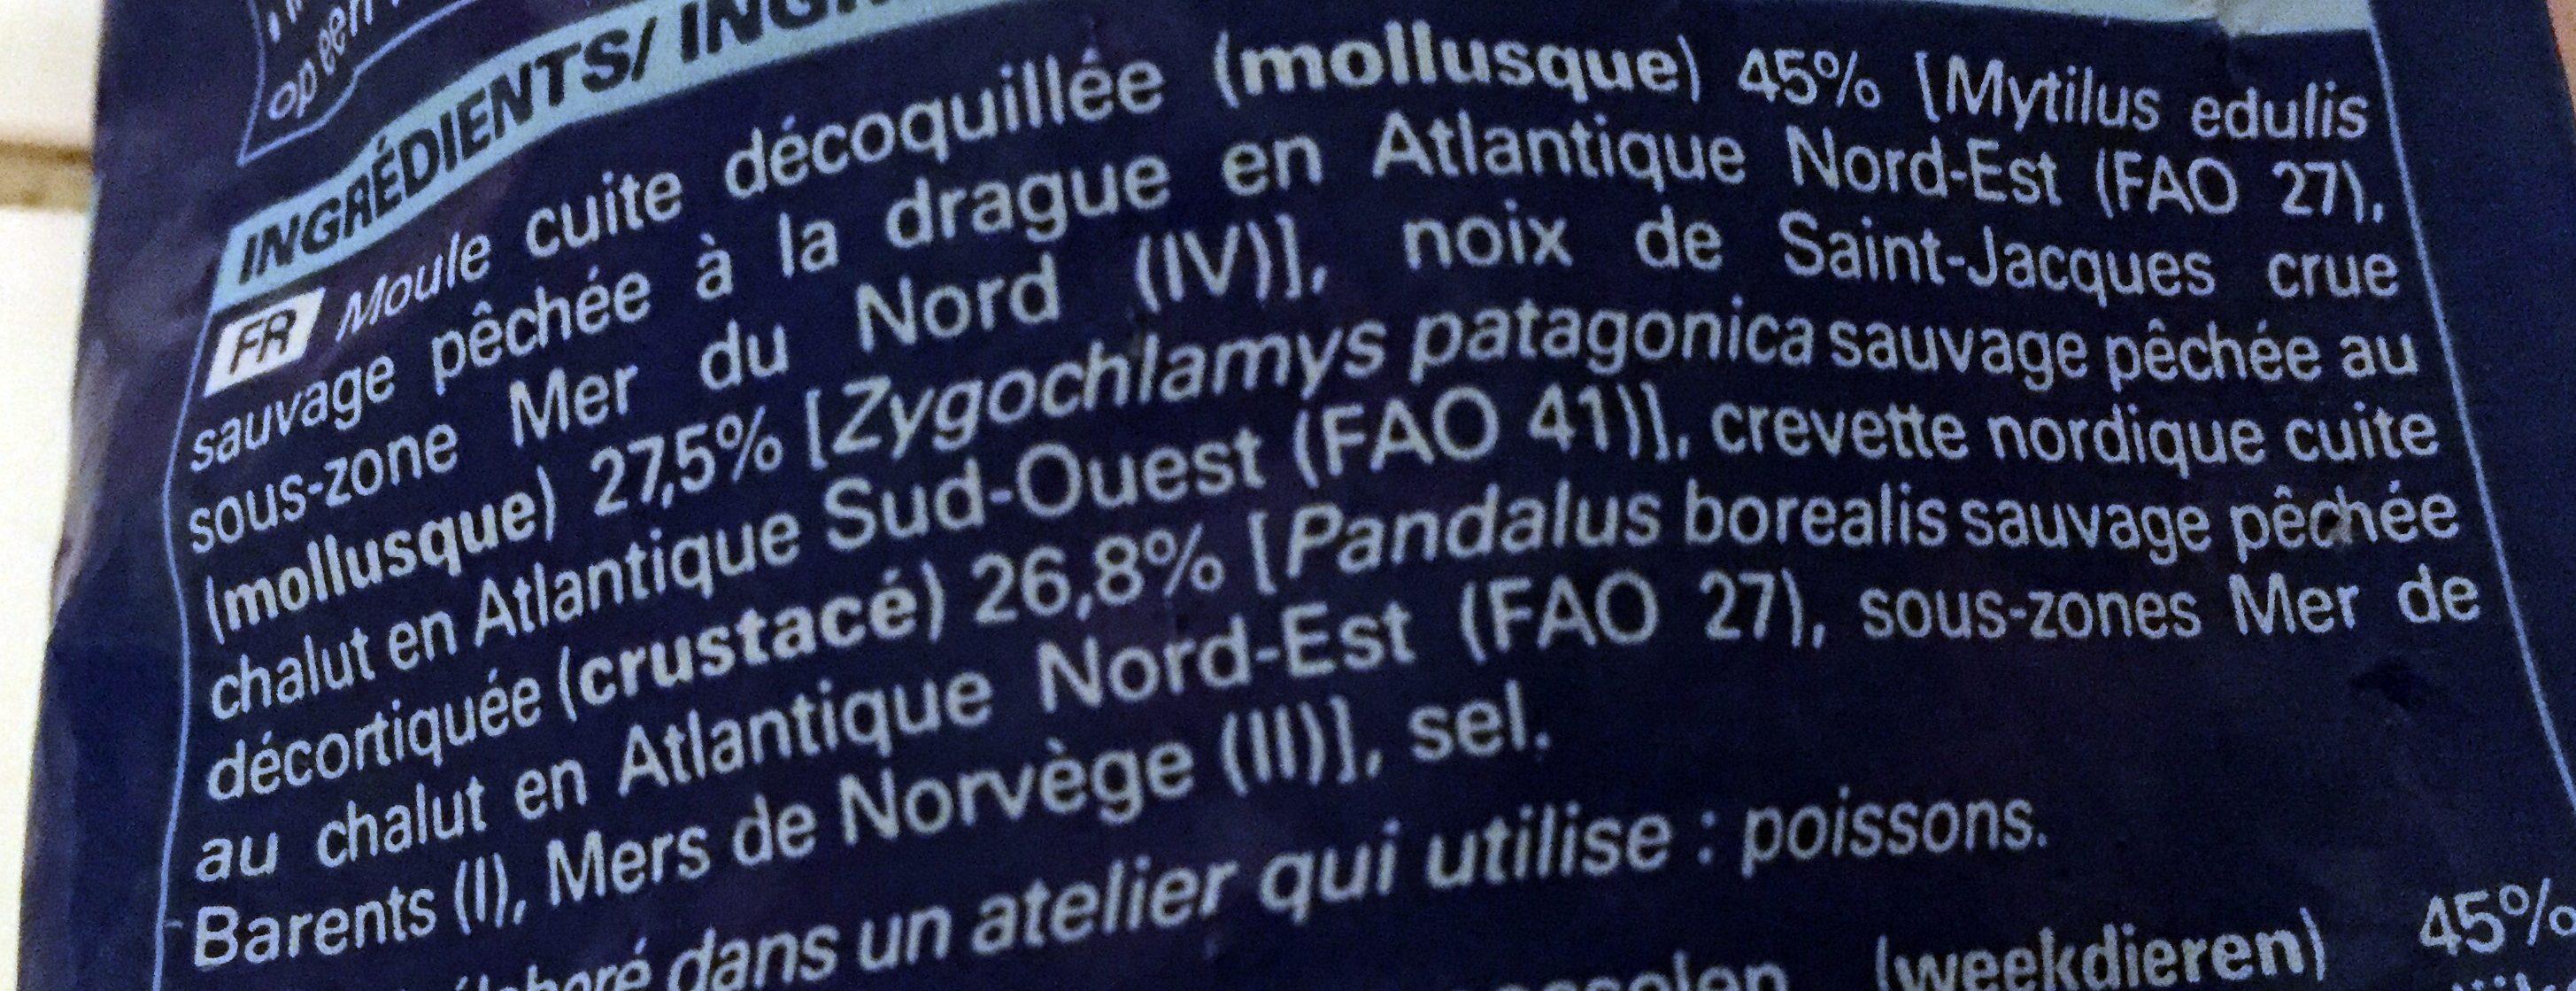 Mélange de moules, crevettes nordiques, noix de saint-jacques - Ingrédients - fr